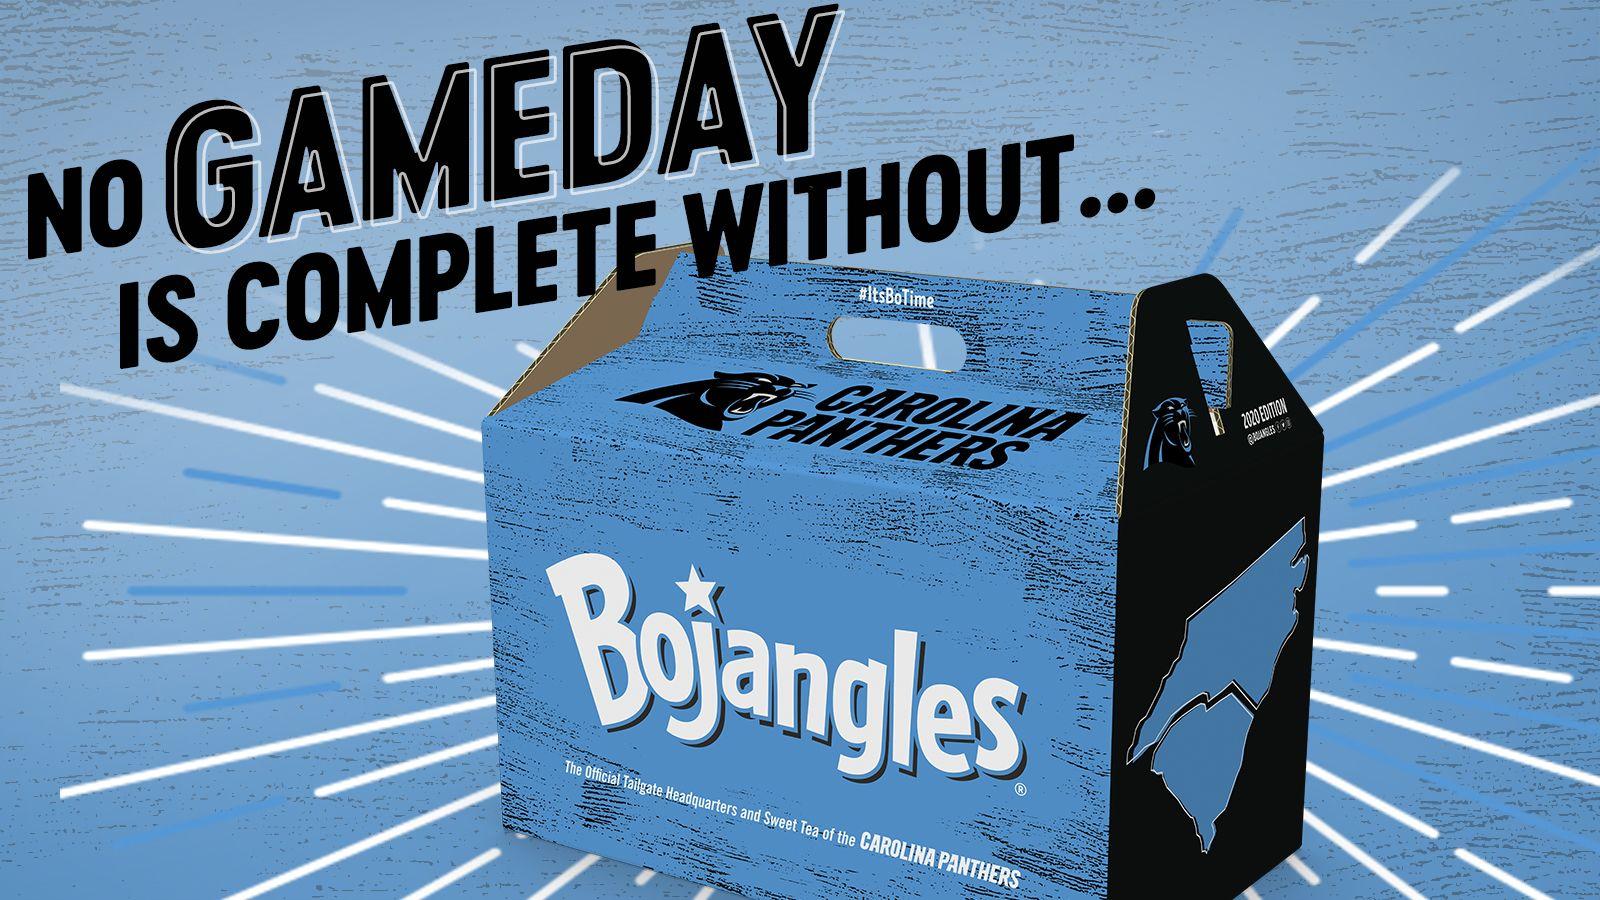 Bojangles Day